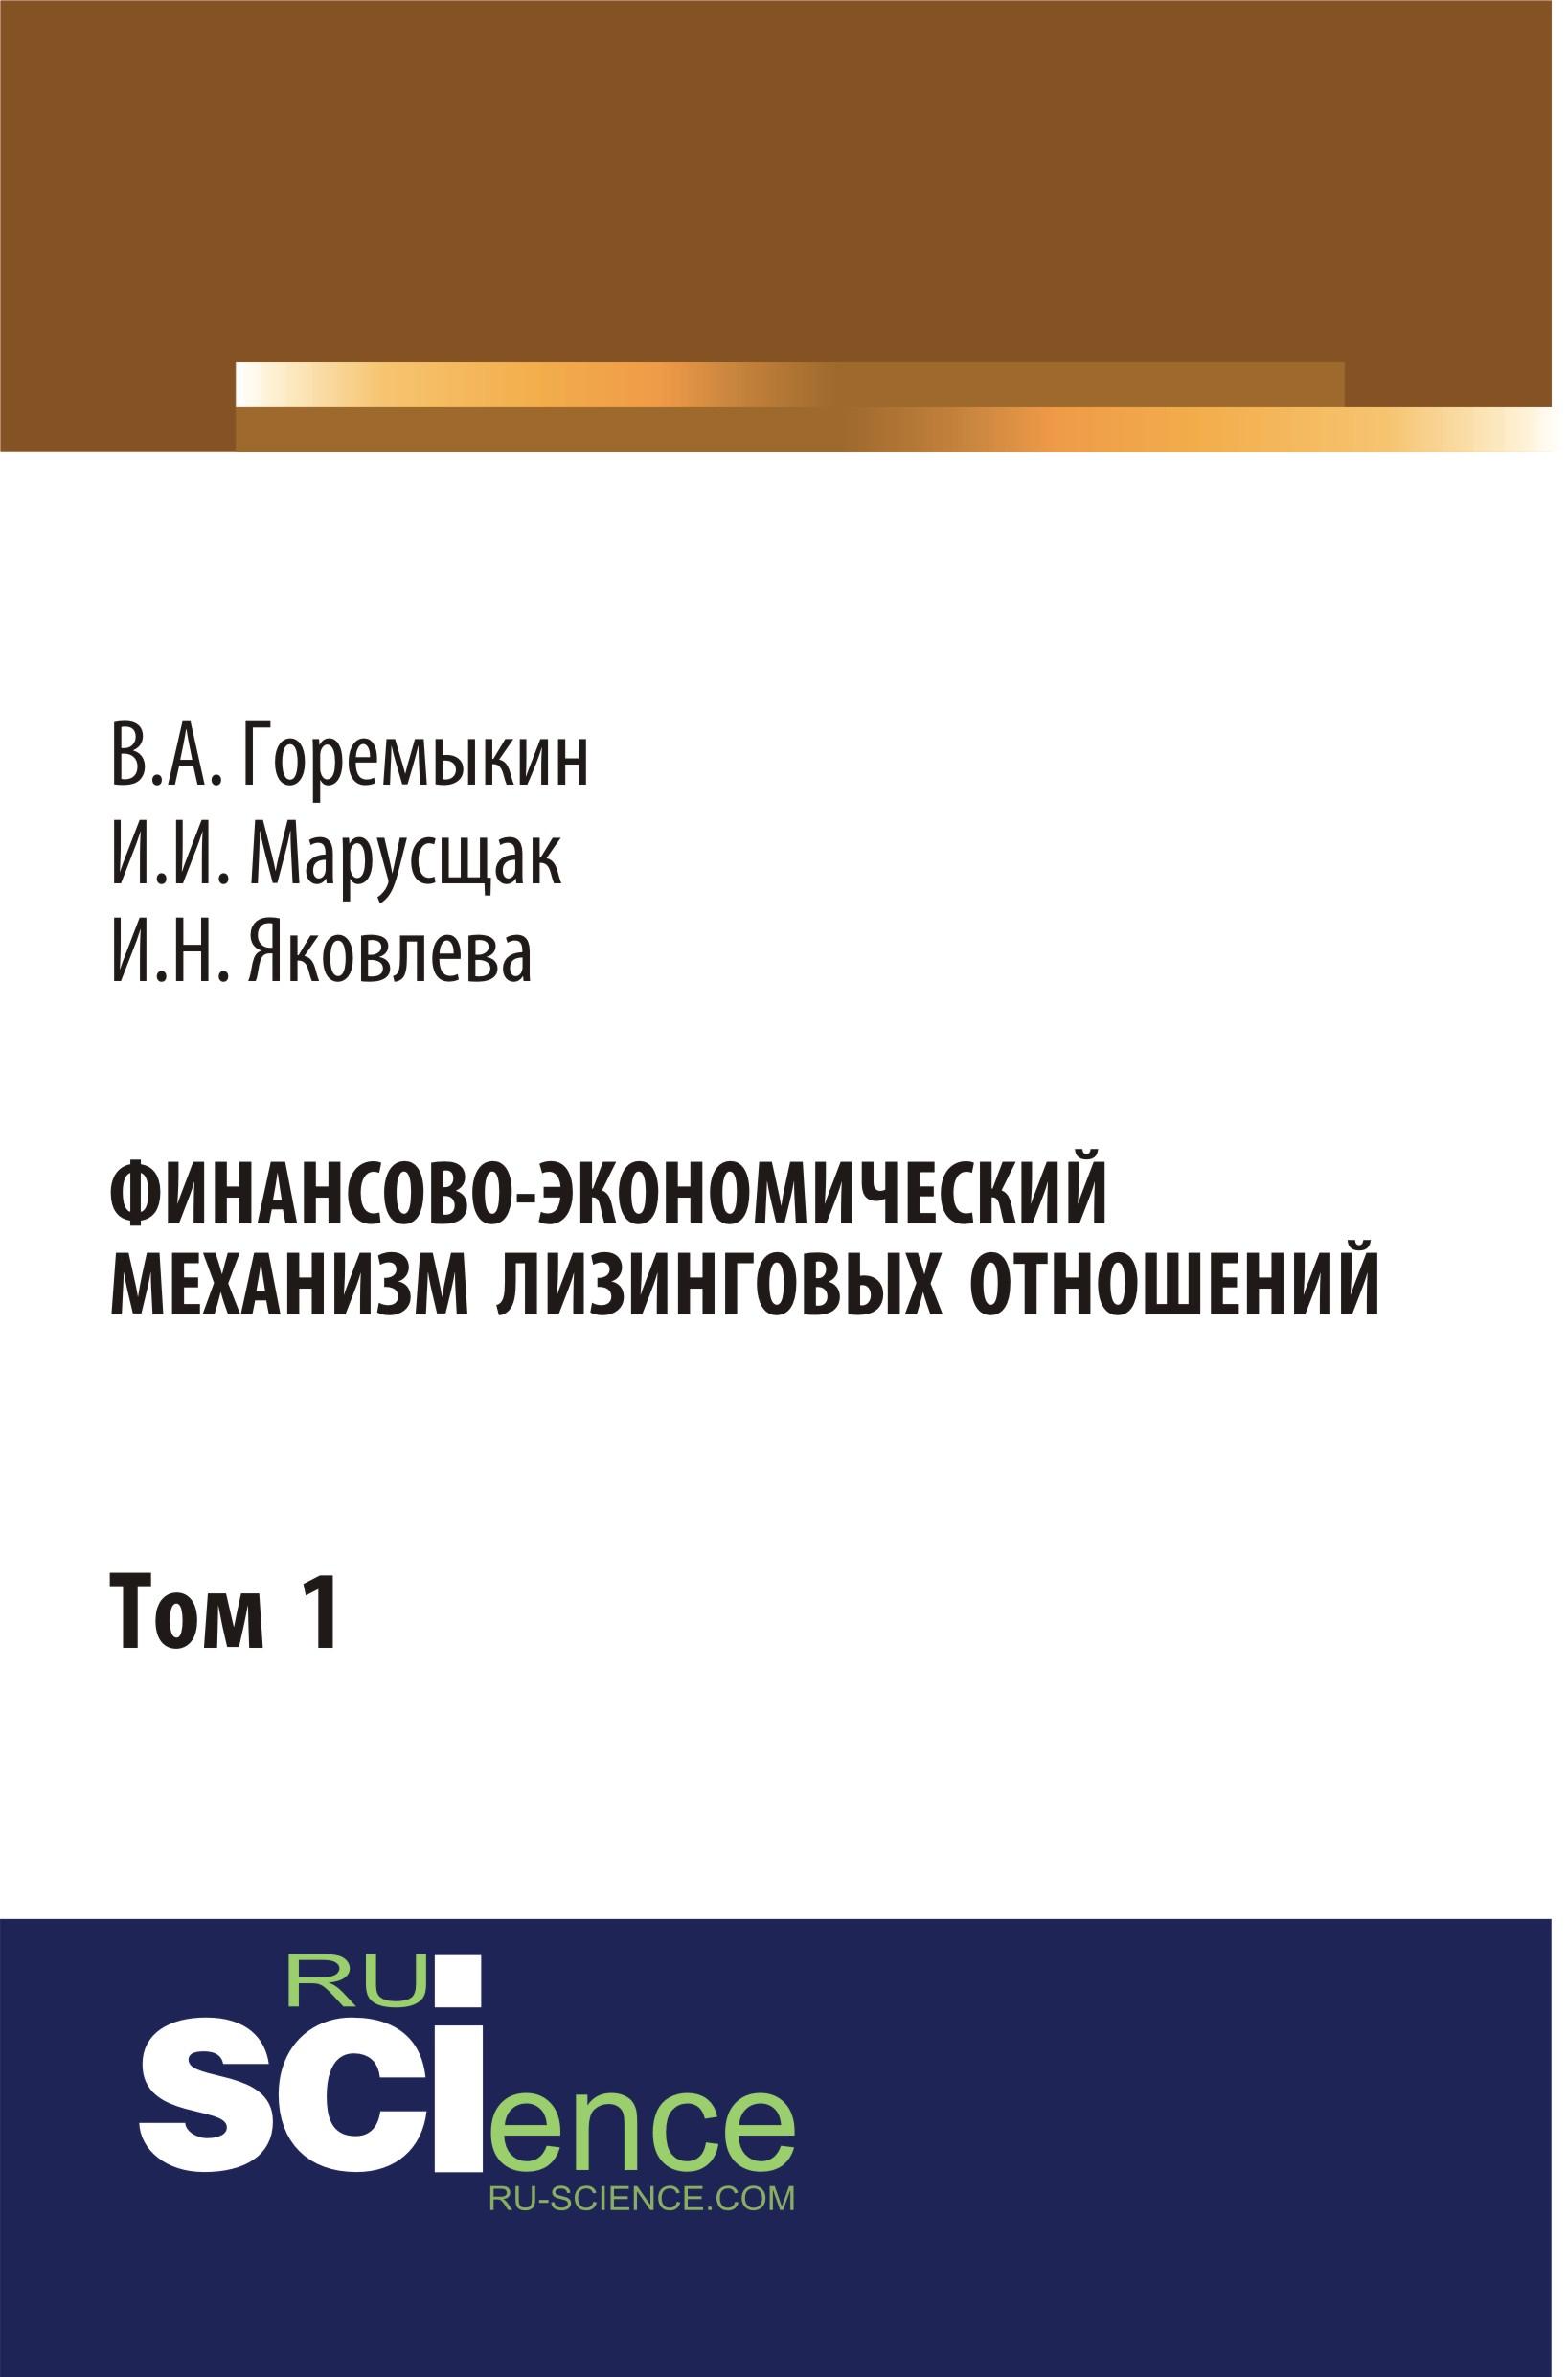 Финансово-экономический механизм лизинговых отношений. Том 1